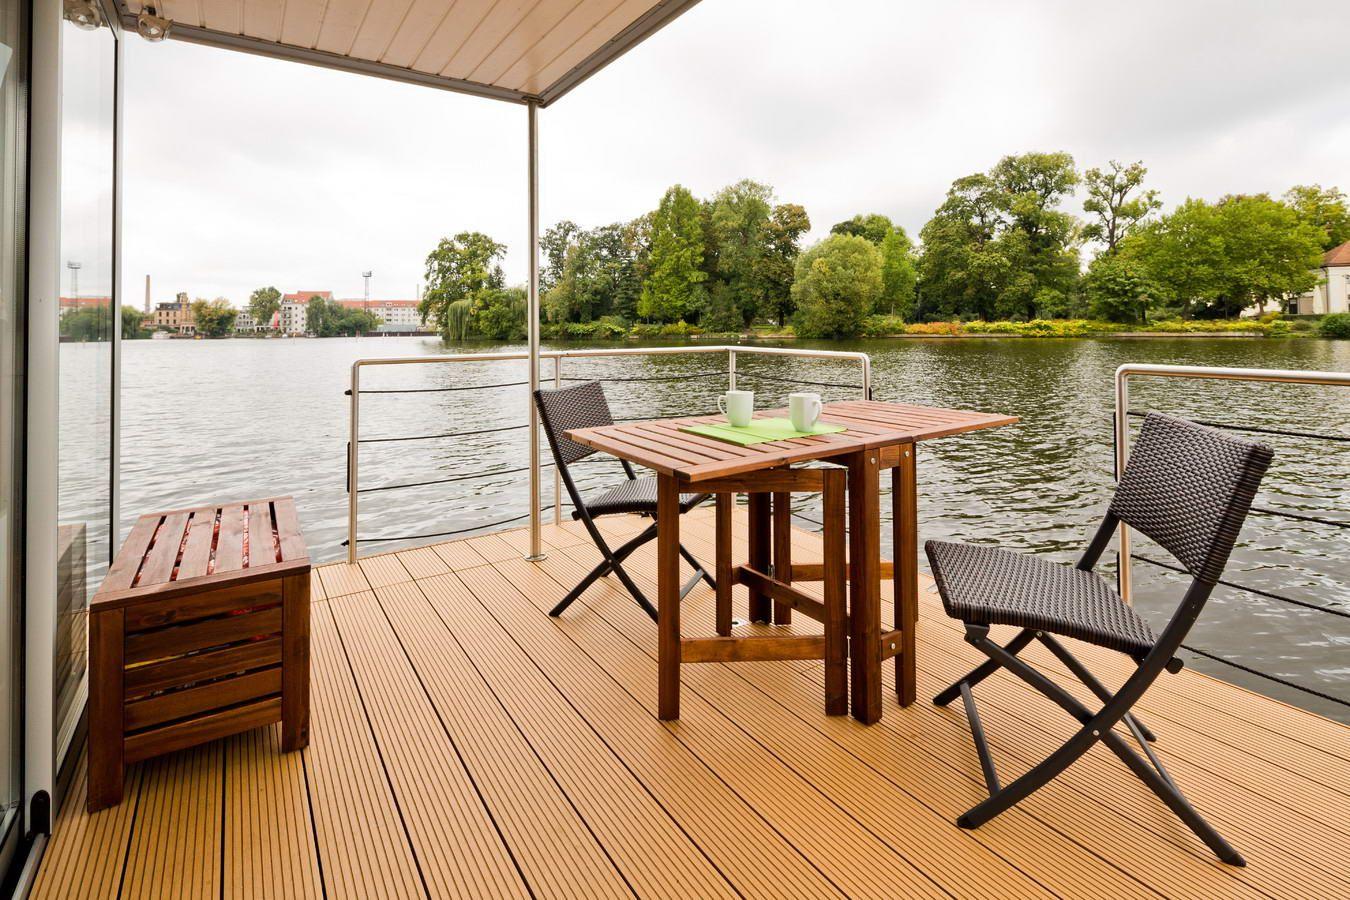 Úszóház - Lakóhajó ami egy jacht, hajó és a lakás használható ...